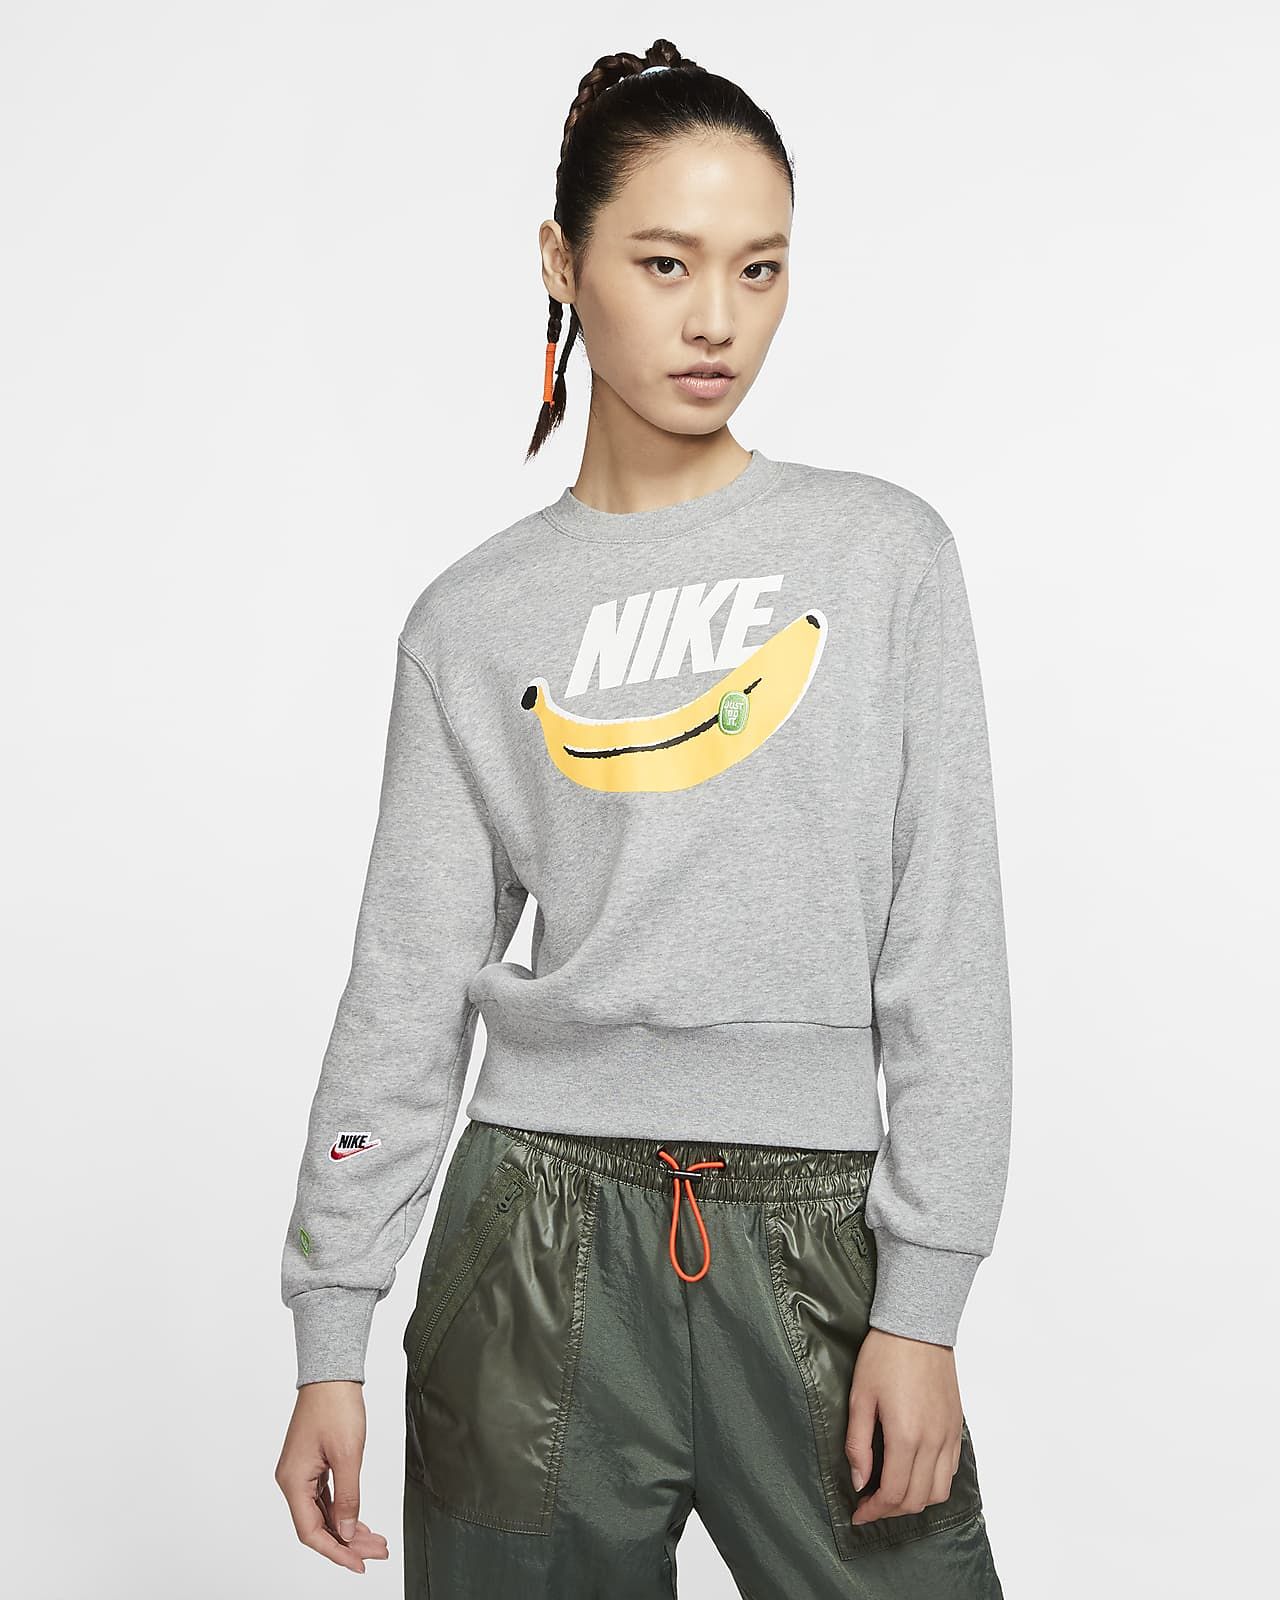 Nike Sportswear 女款 Fleece 貼身圓領上衣